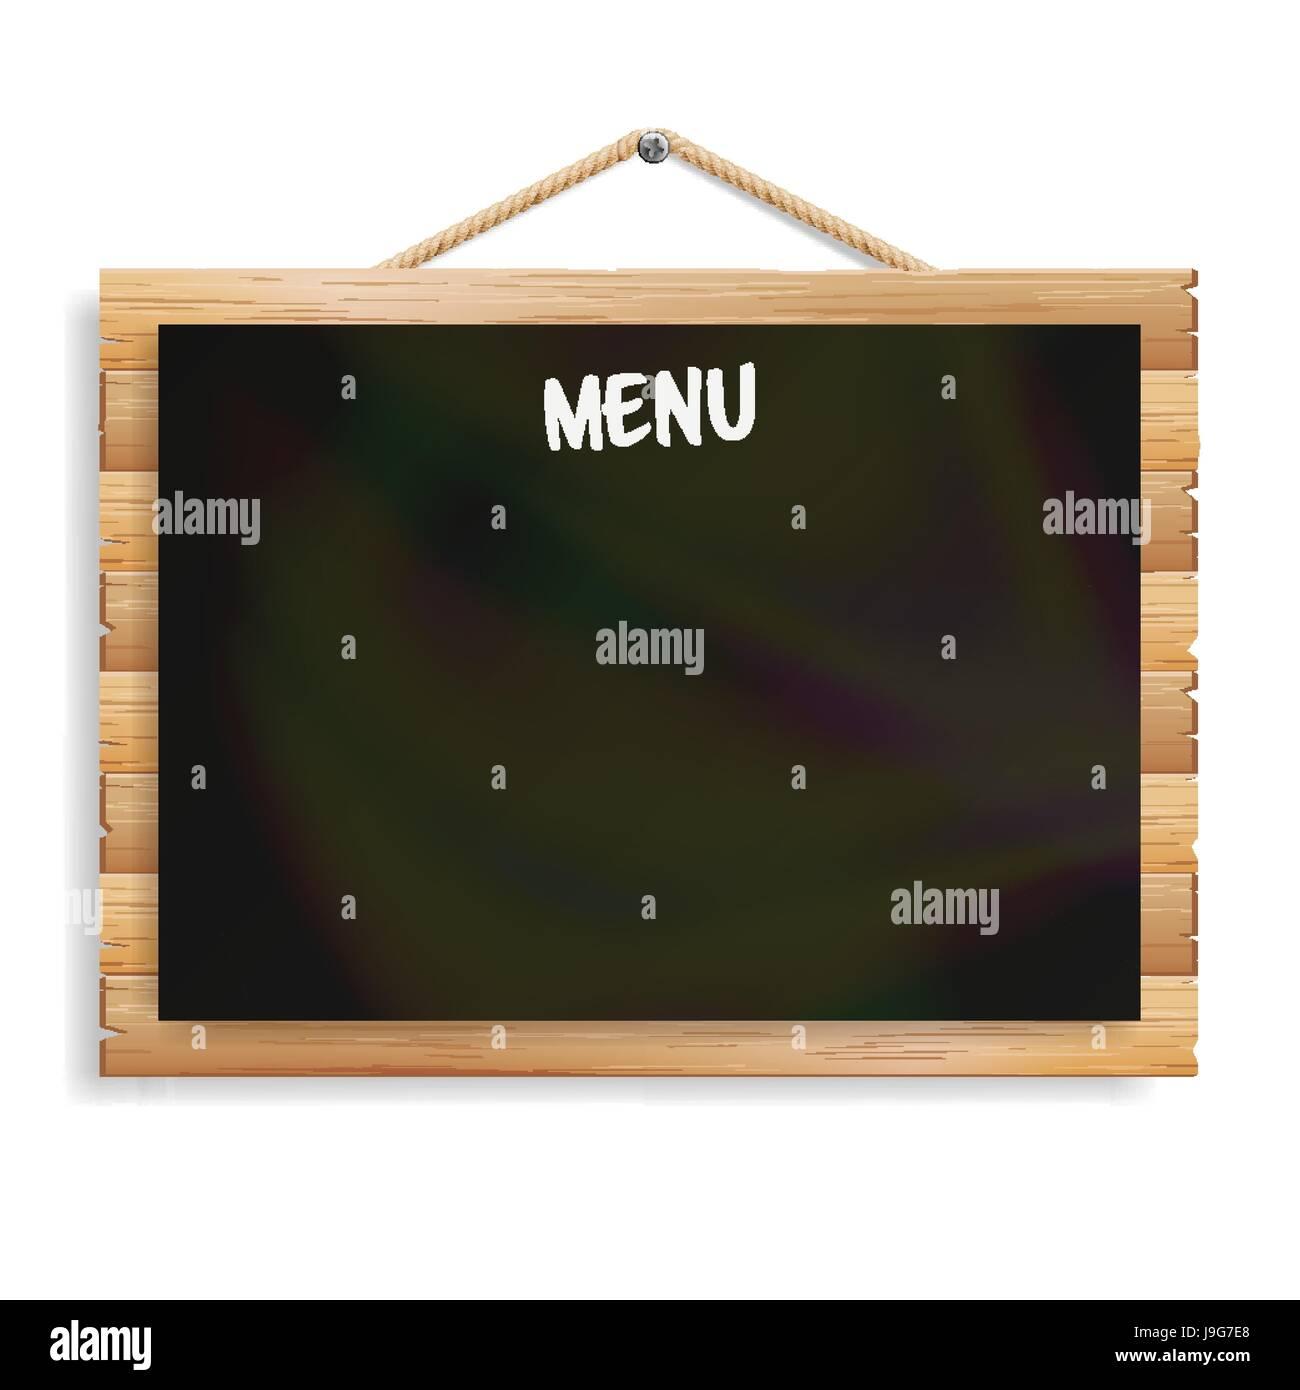 Panneau De Menu Cafe Ou Restaurant Menu Carte Noire Bulletin Isole Sur Fond Blanc Black Realiste Pancarte Ardoise Avec Cadre En Bois La Pendaison Vector Illustration Image Vectorielle Stock Alamy